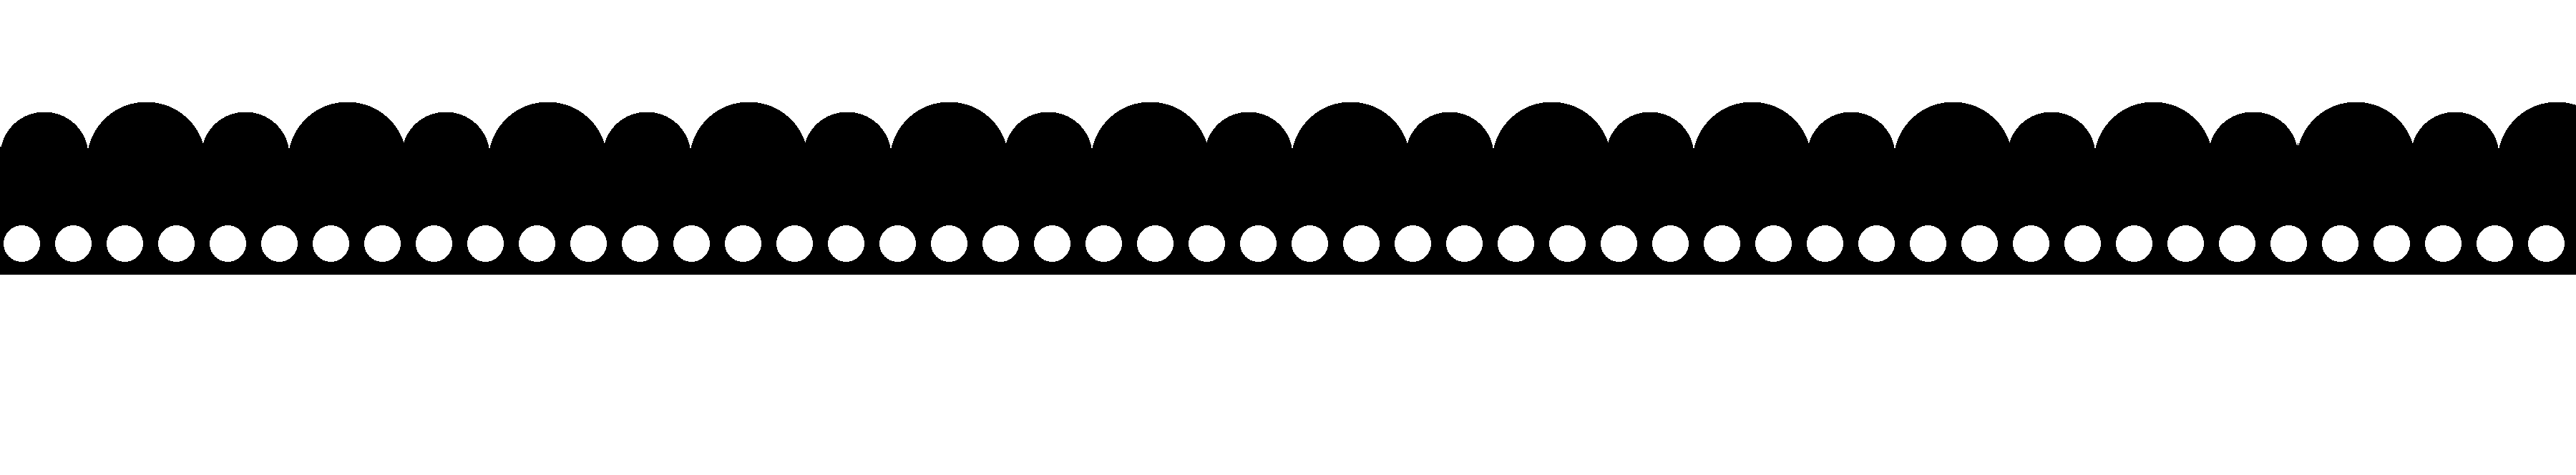 scallop design template